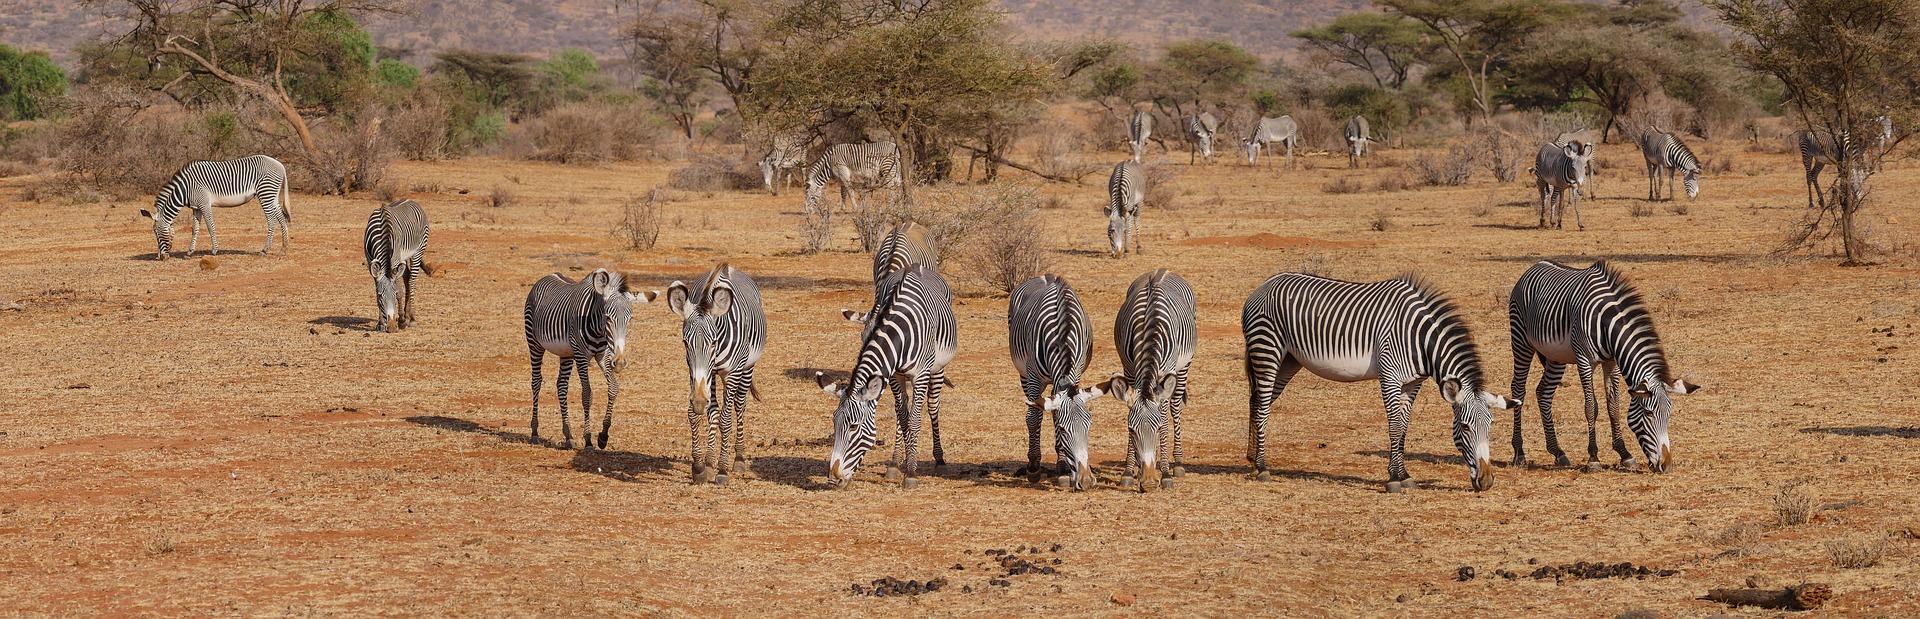 tours to kenya